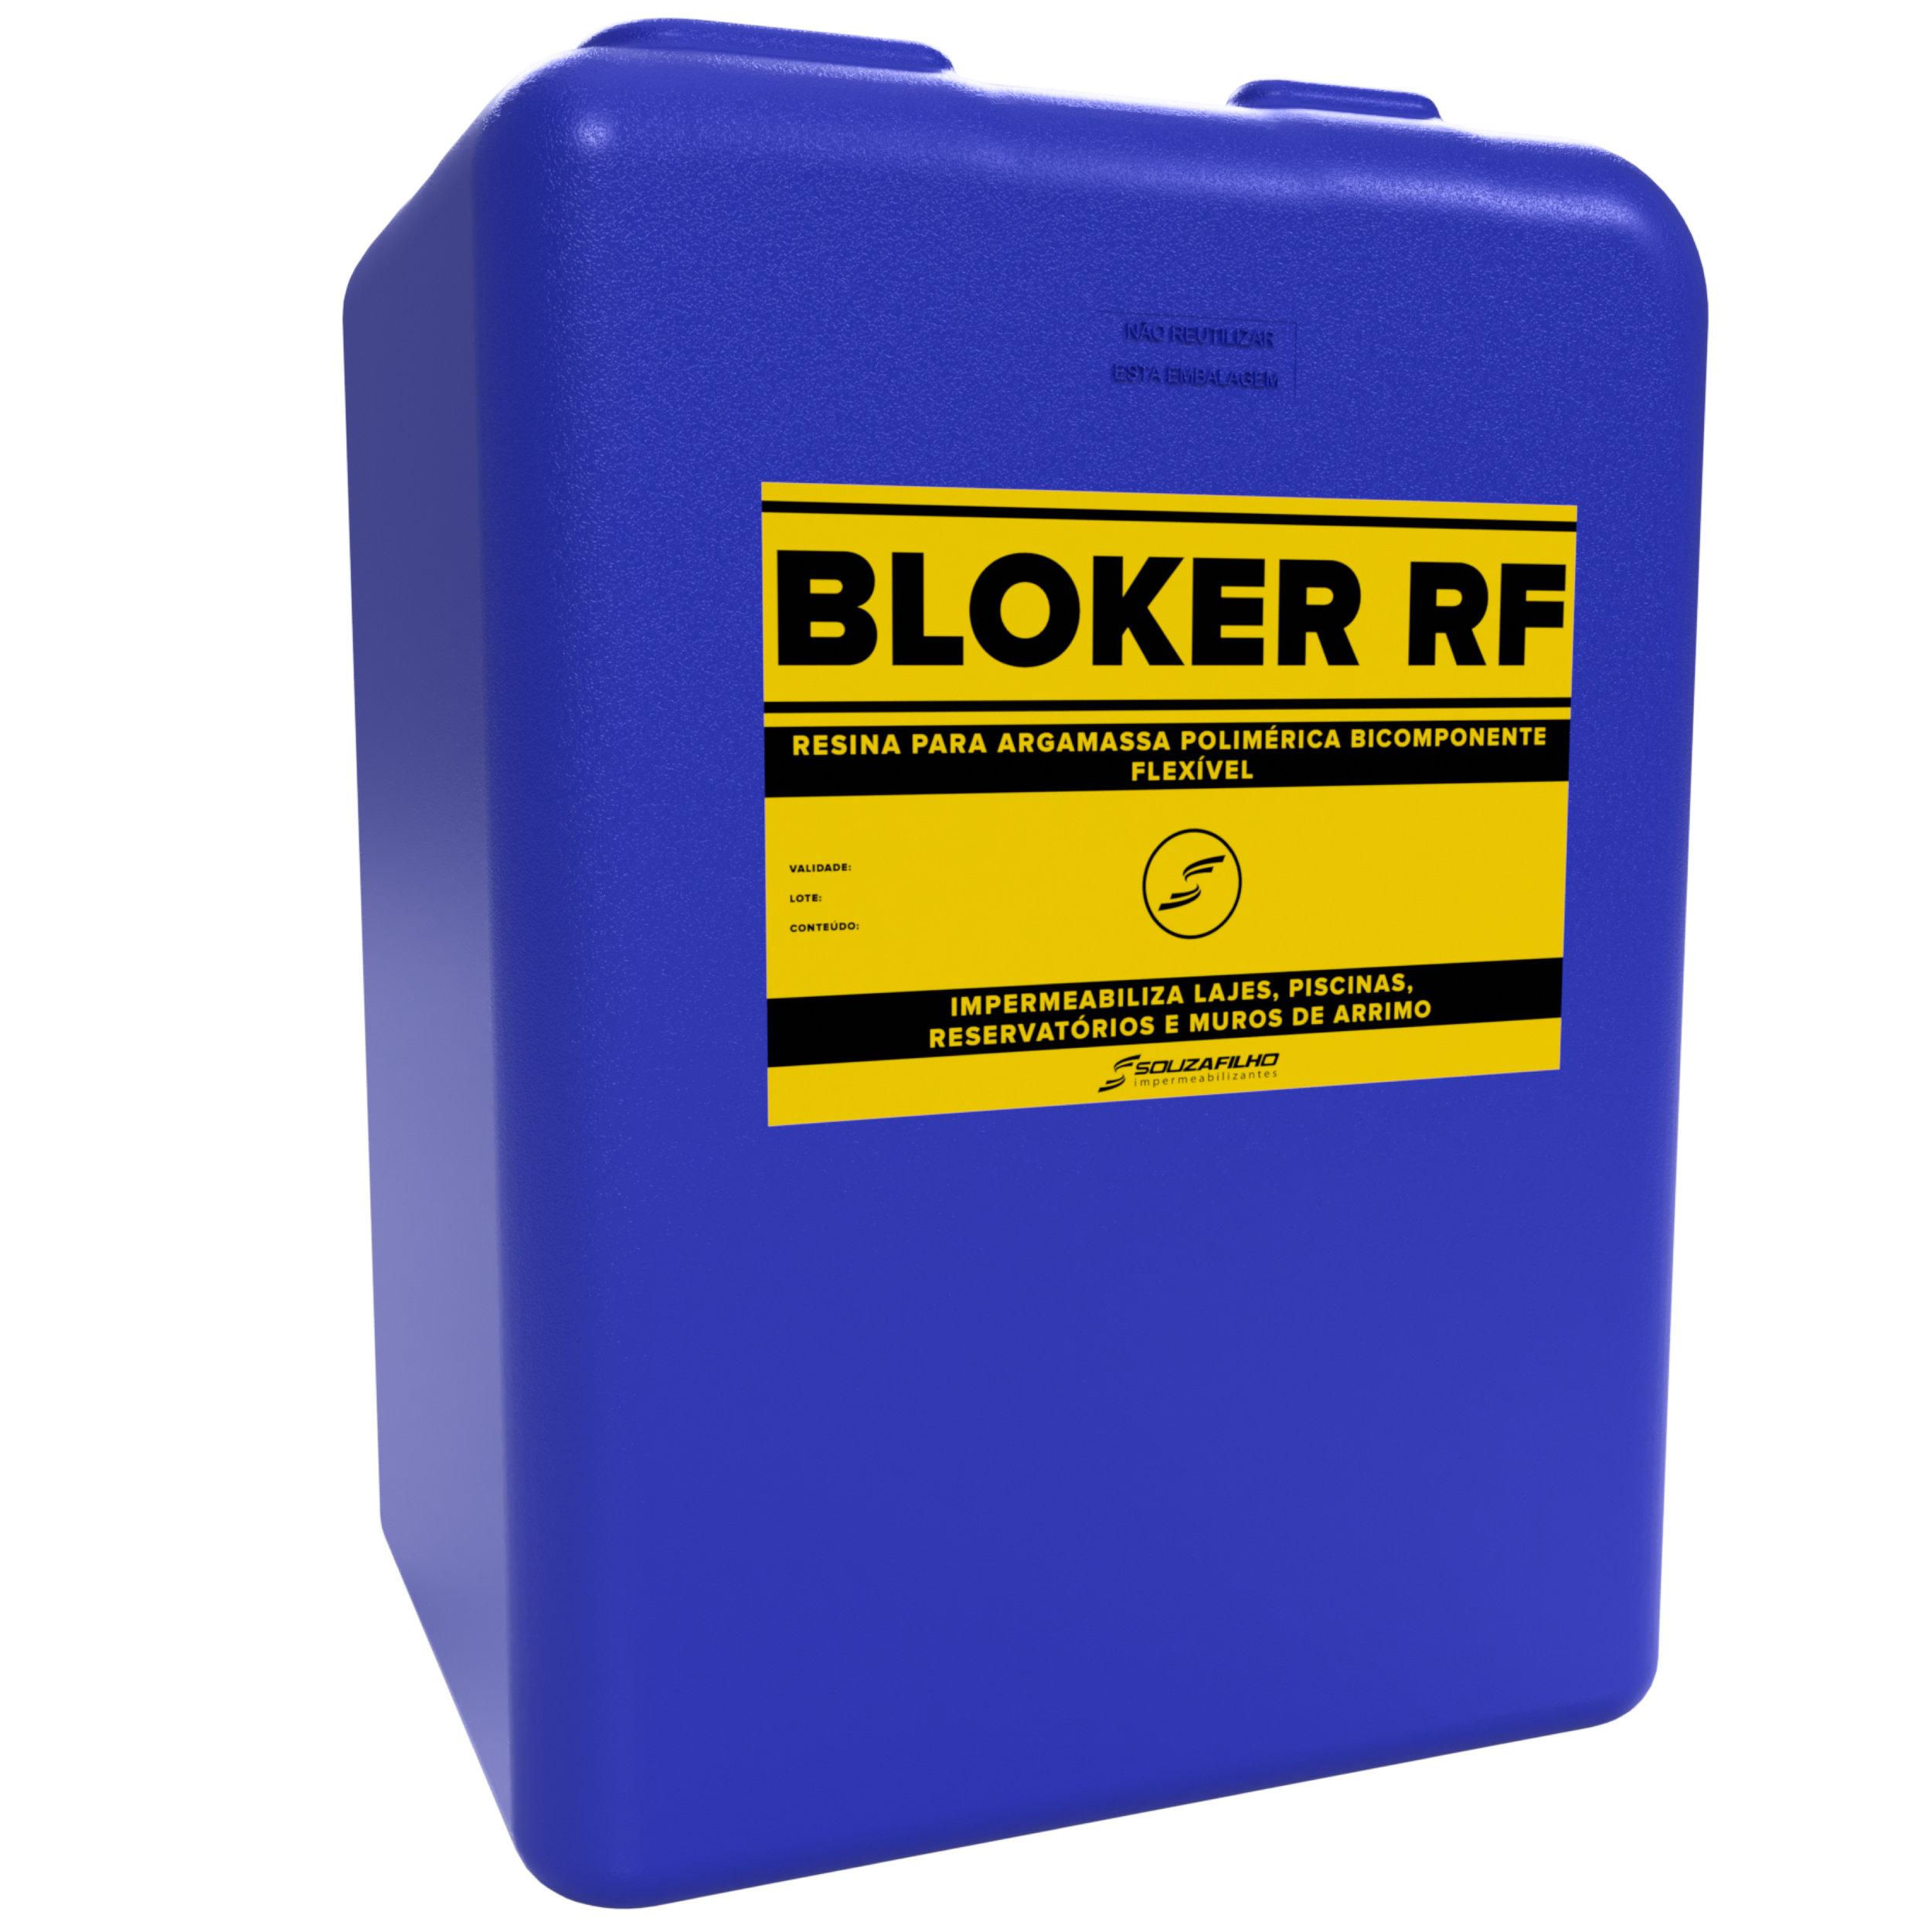 bloker rf argamassa polimerica impermeabilizante flexivel.jpg